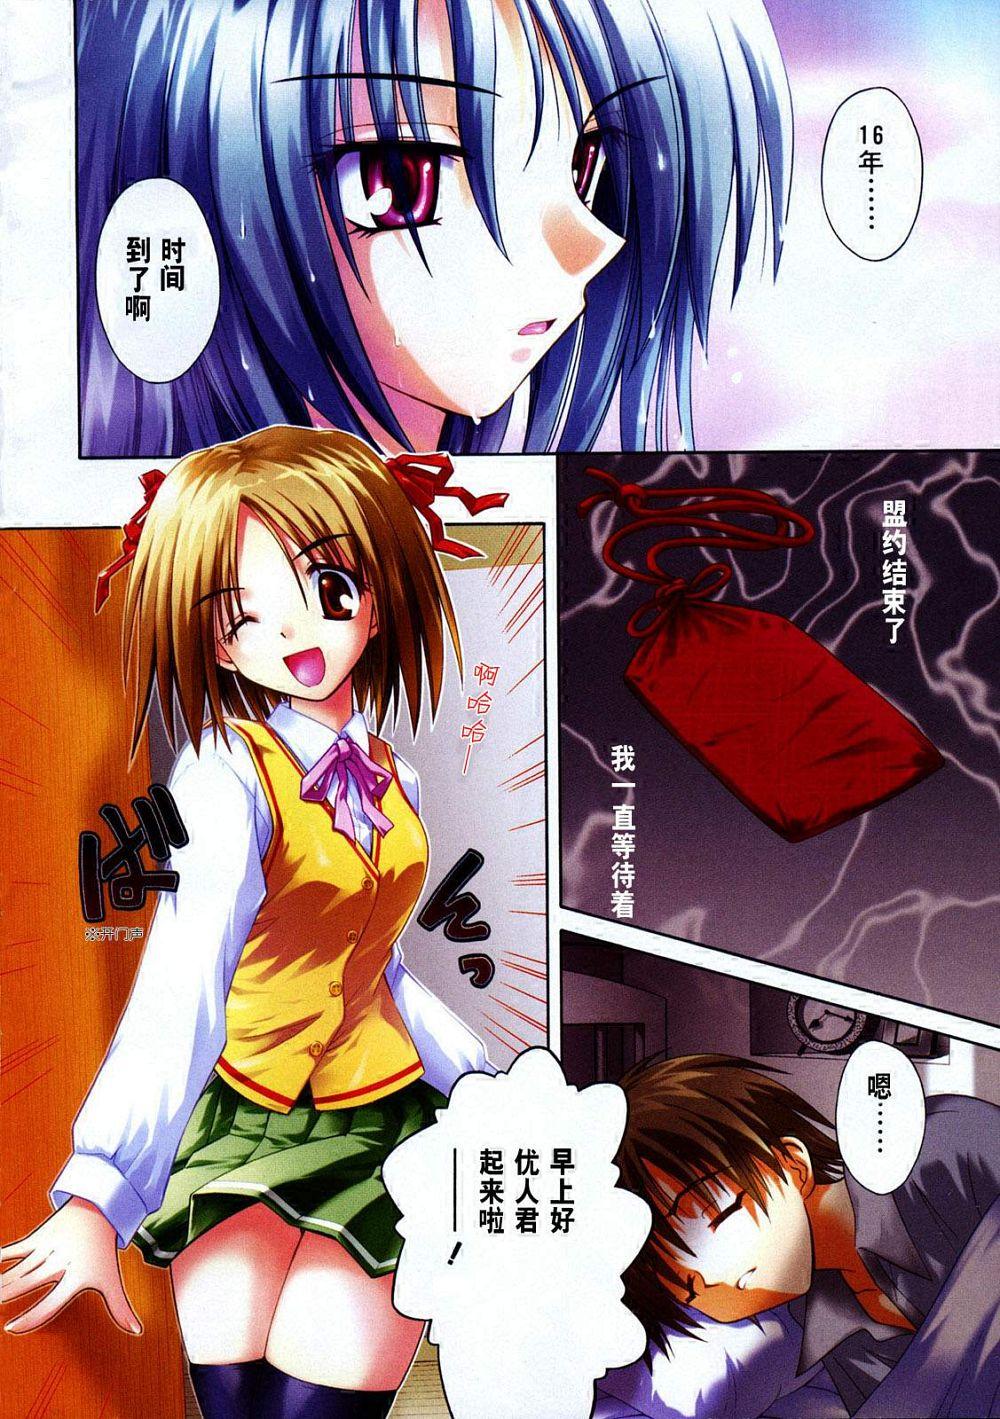 守护猫娘绯鞠漫画2_回复 收起回复